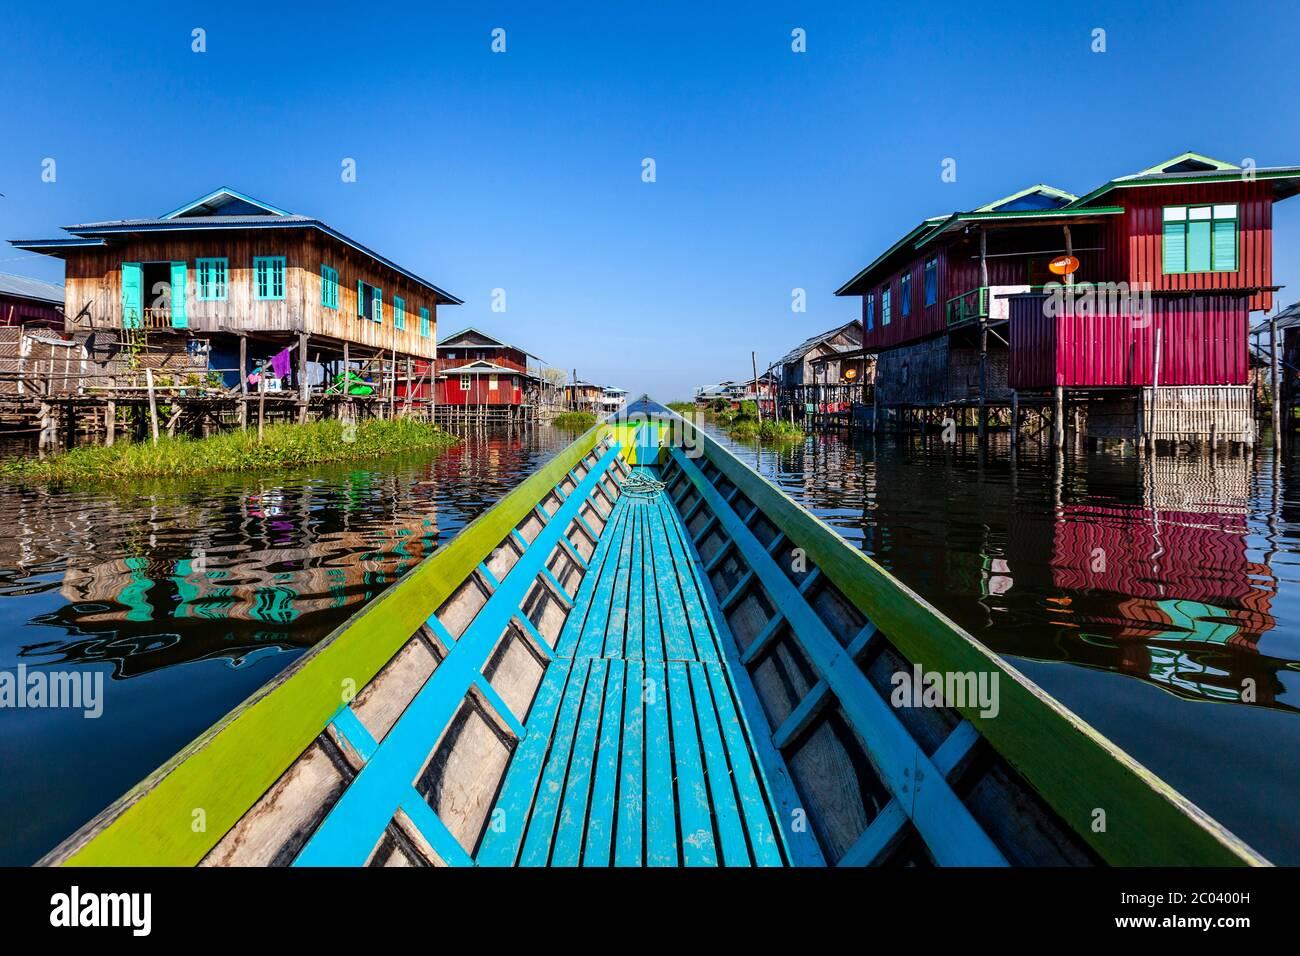 Maisons de pilotis sur le lac Inle, village flottant de Nam Pan, État de Shan, Myanmar. Banque D'Images